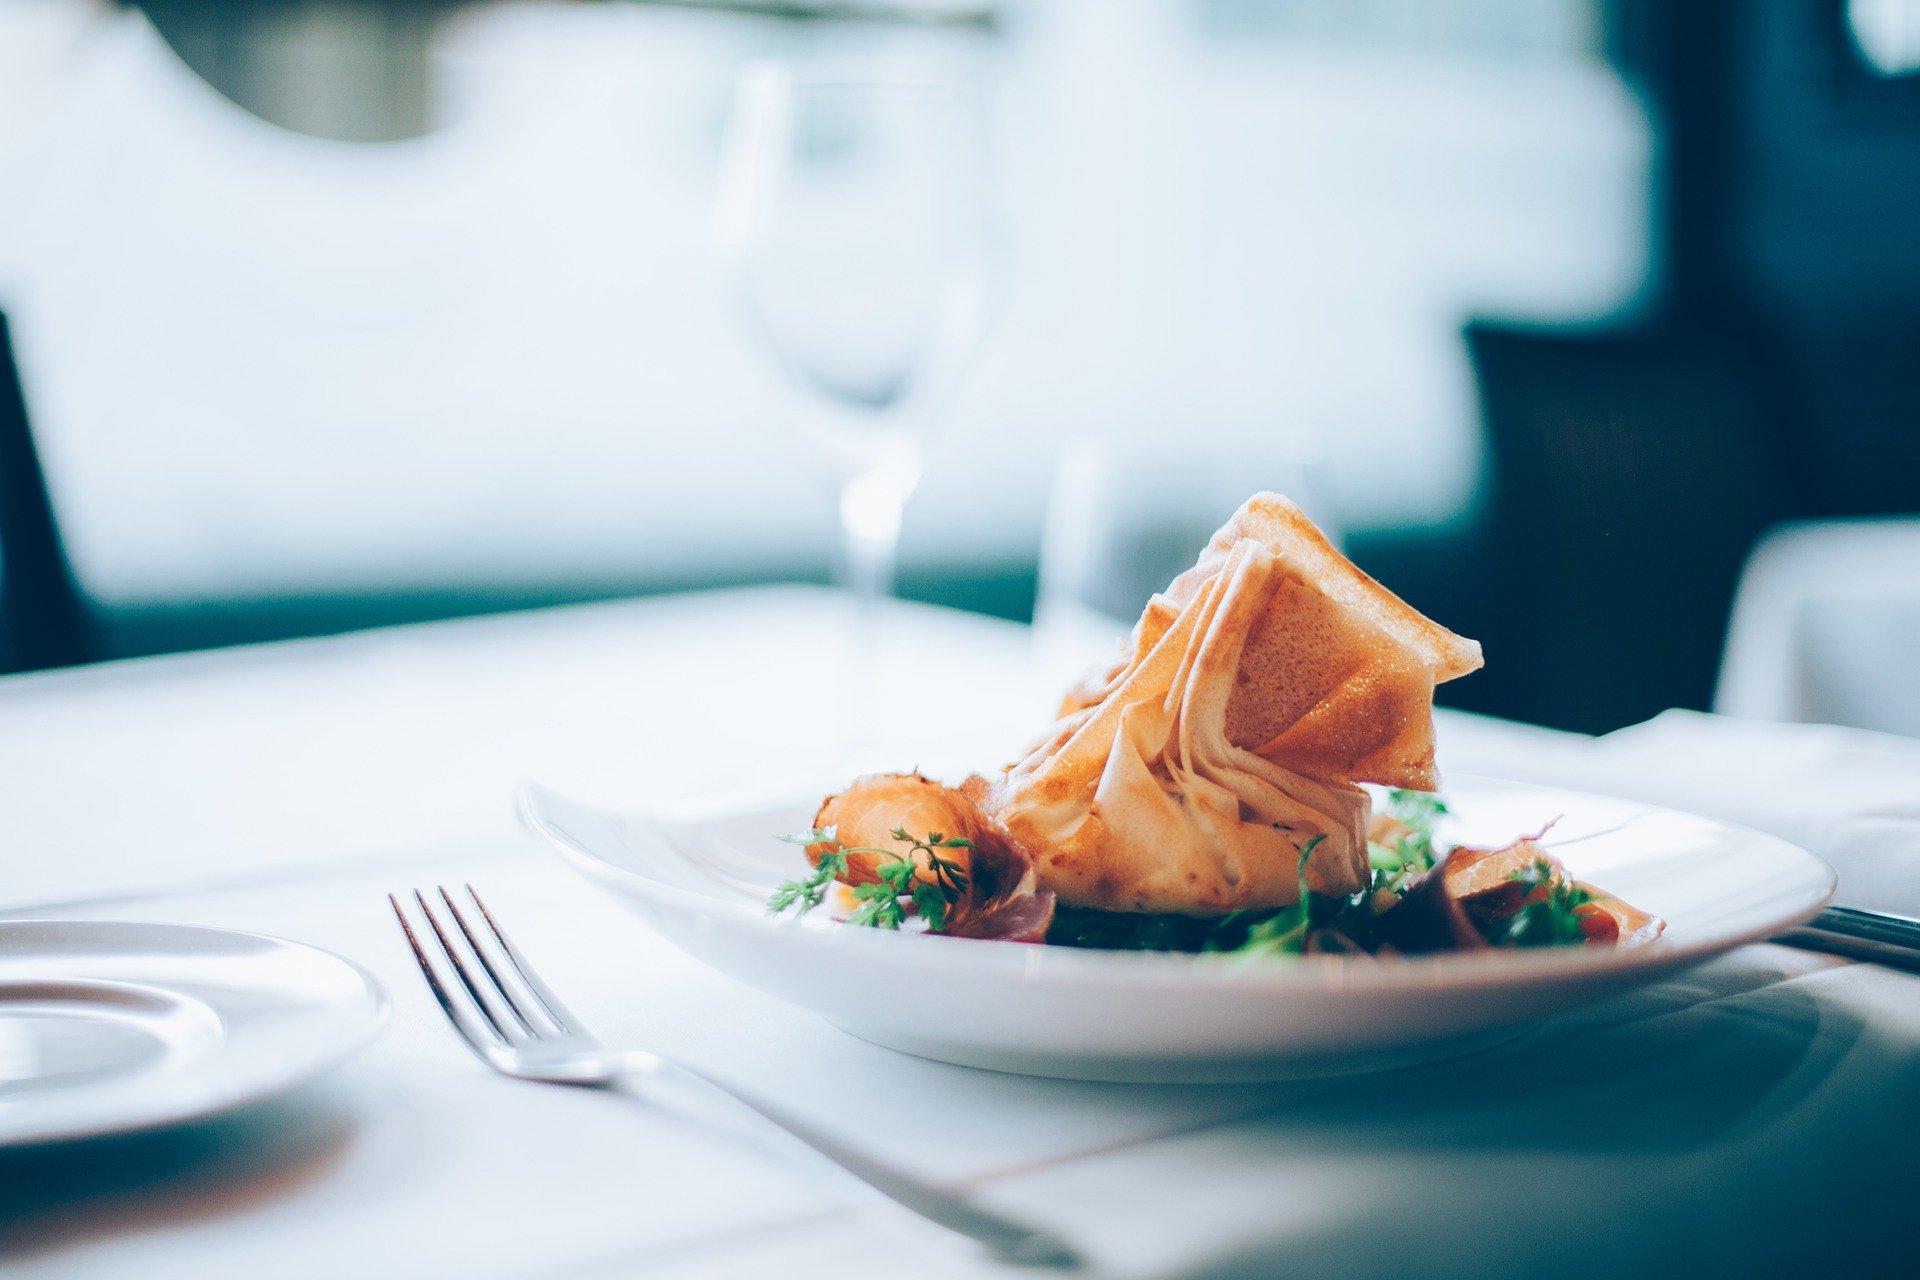 独身女性を食事に誘う既婚男性への完璧な6つの対処法!